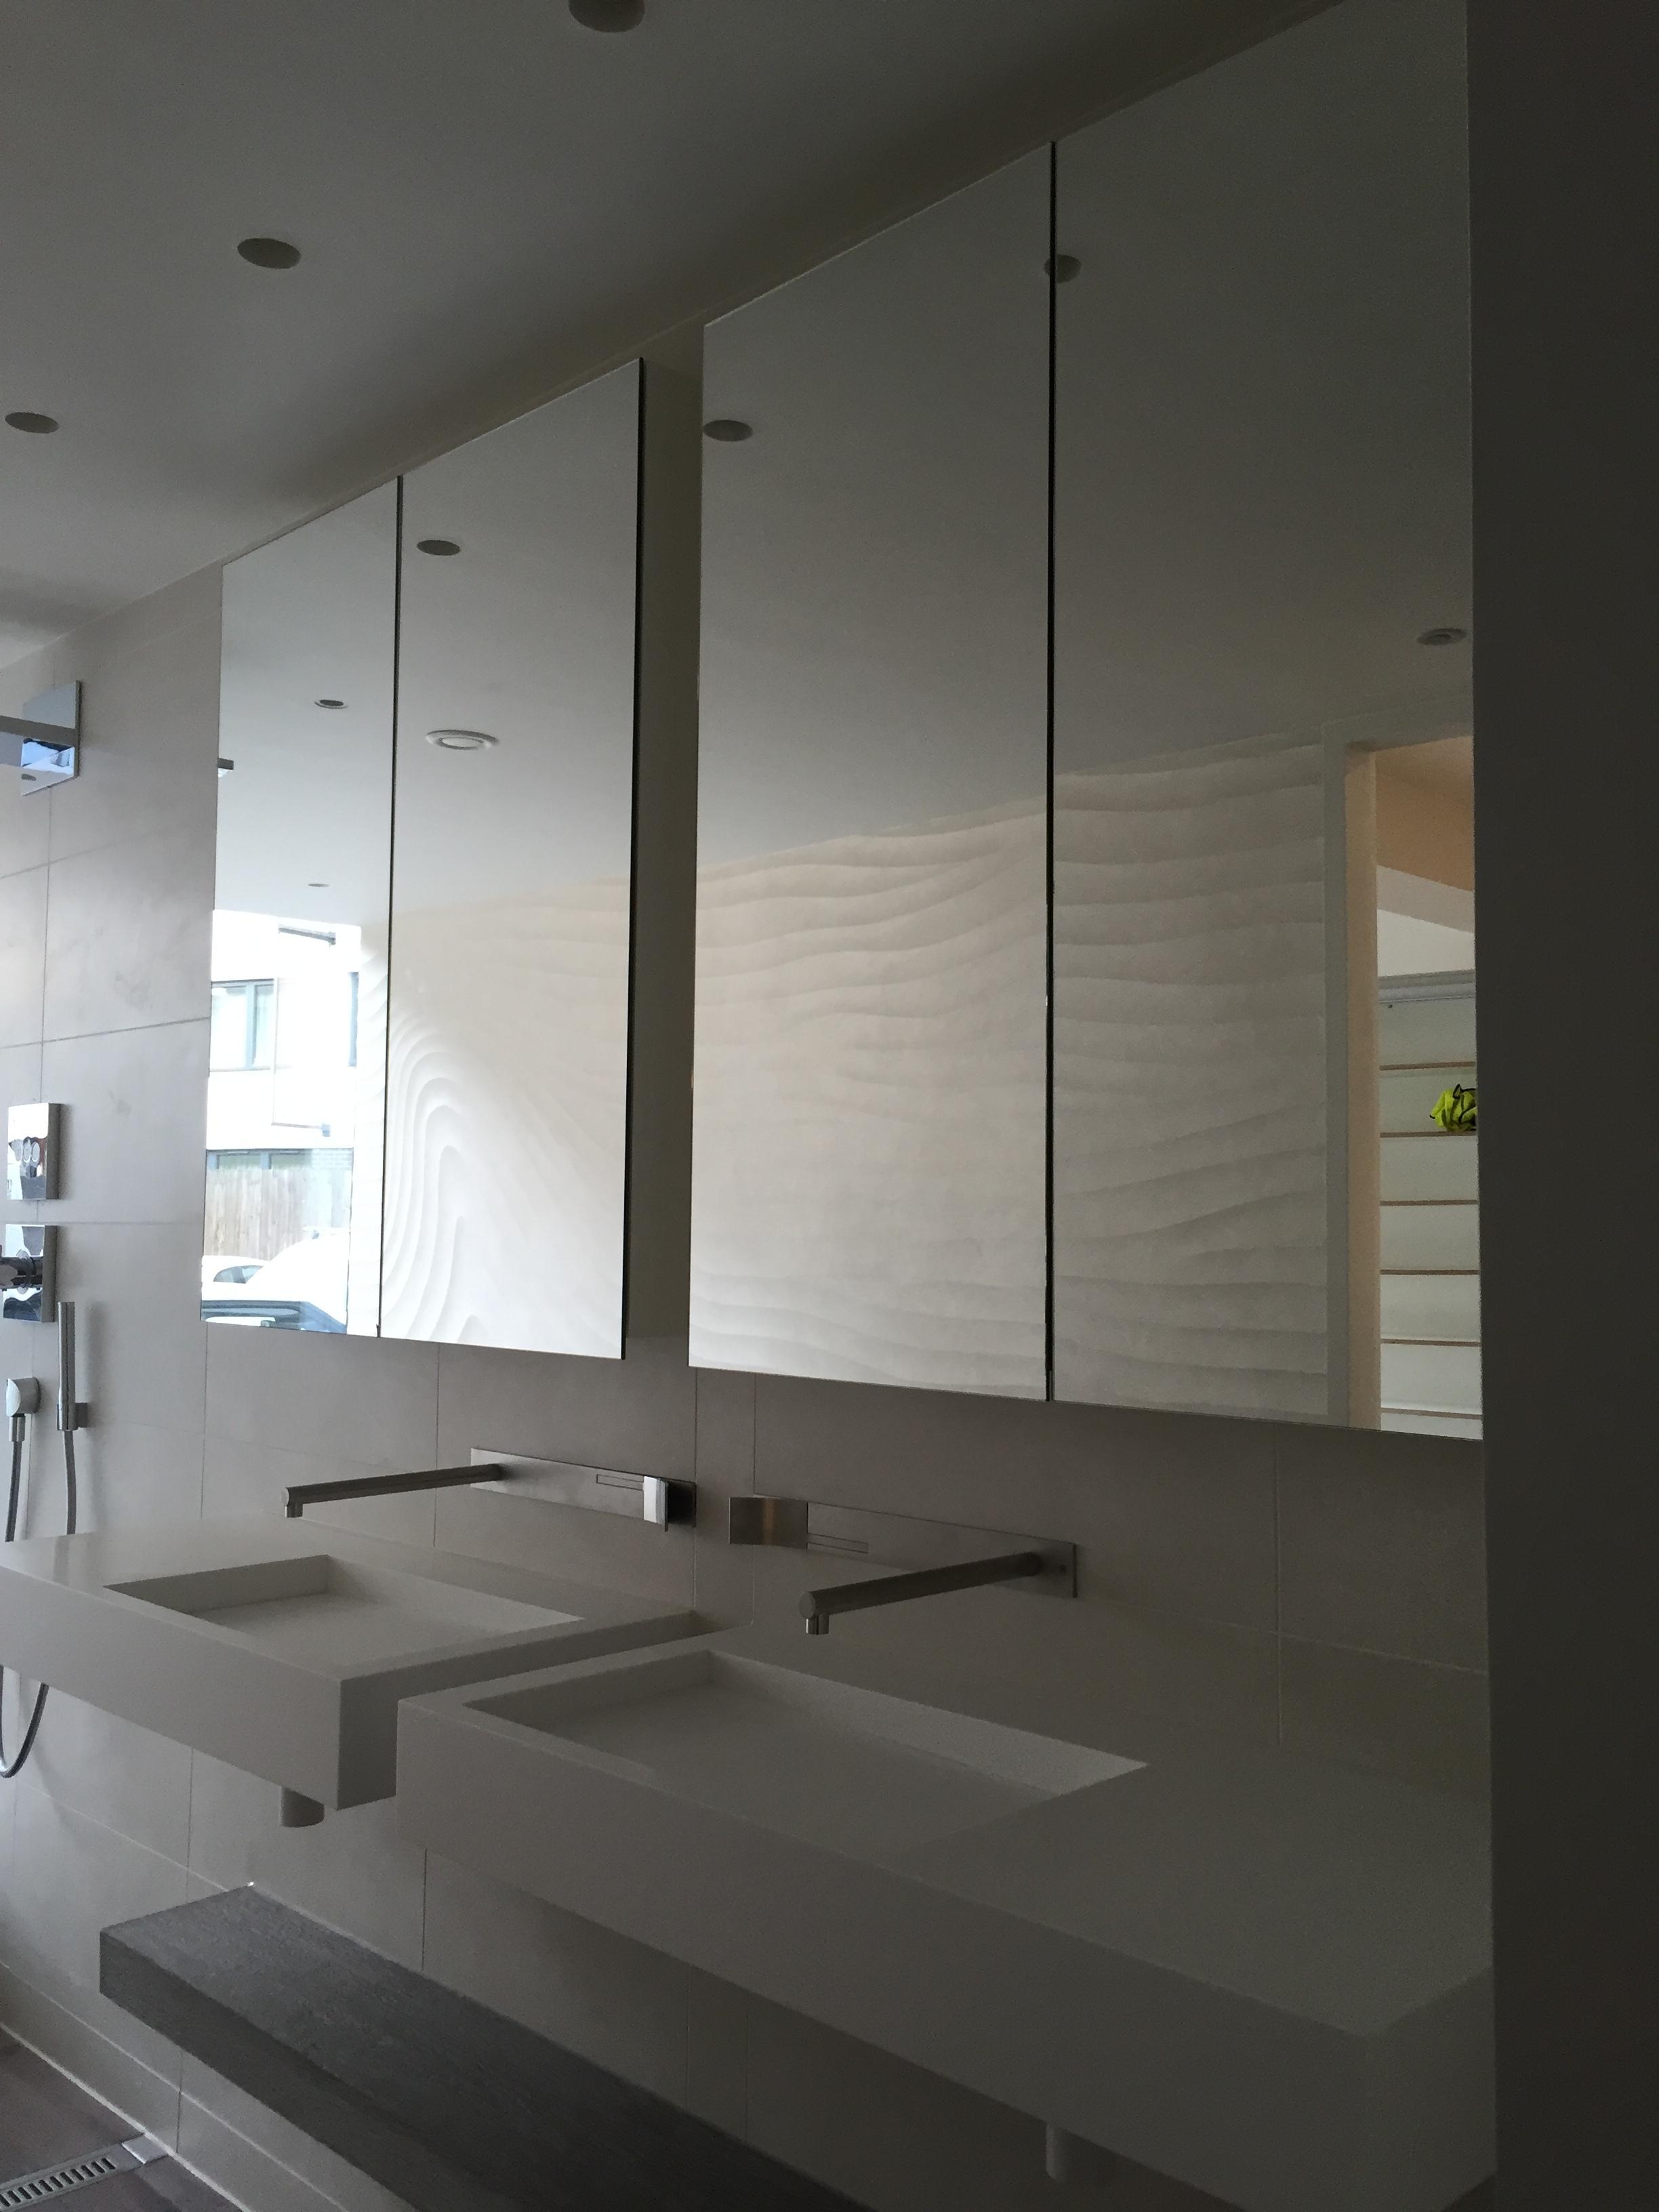 mirror doors.jpg